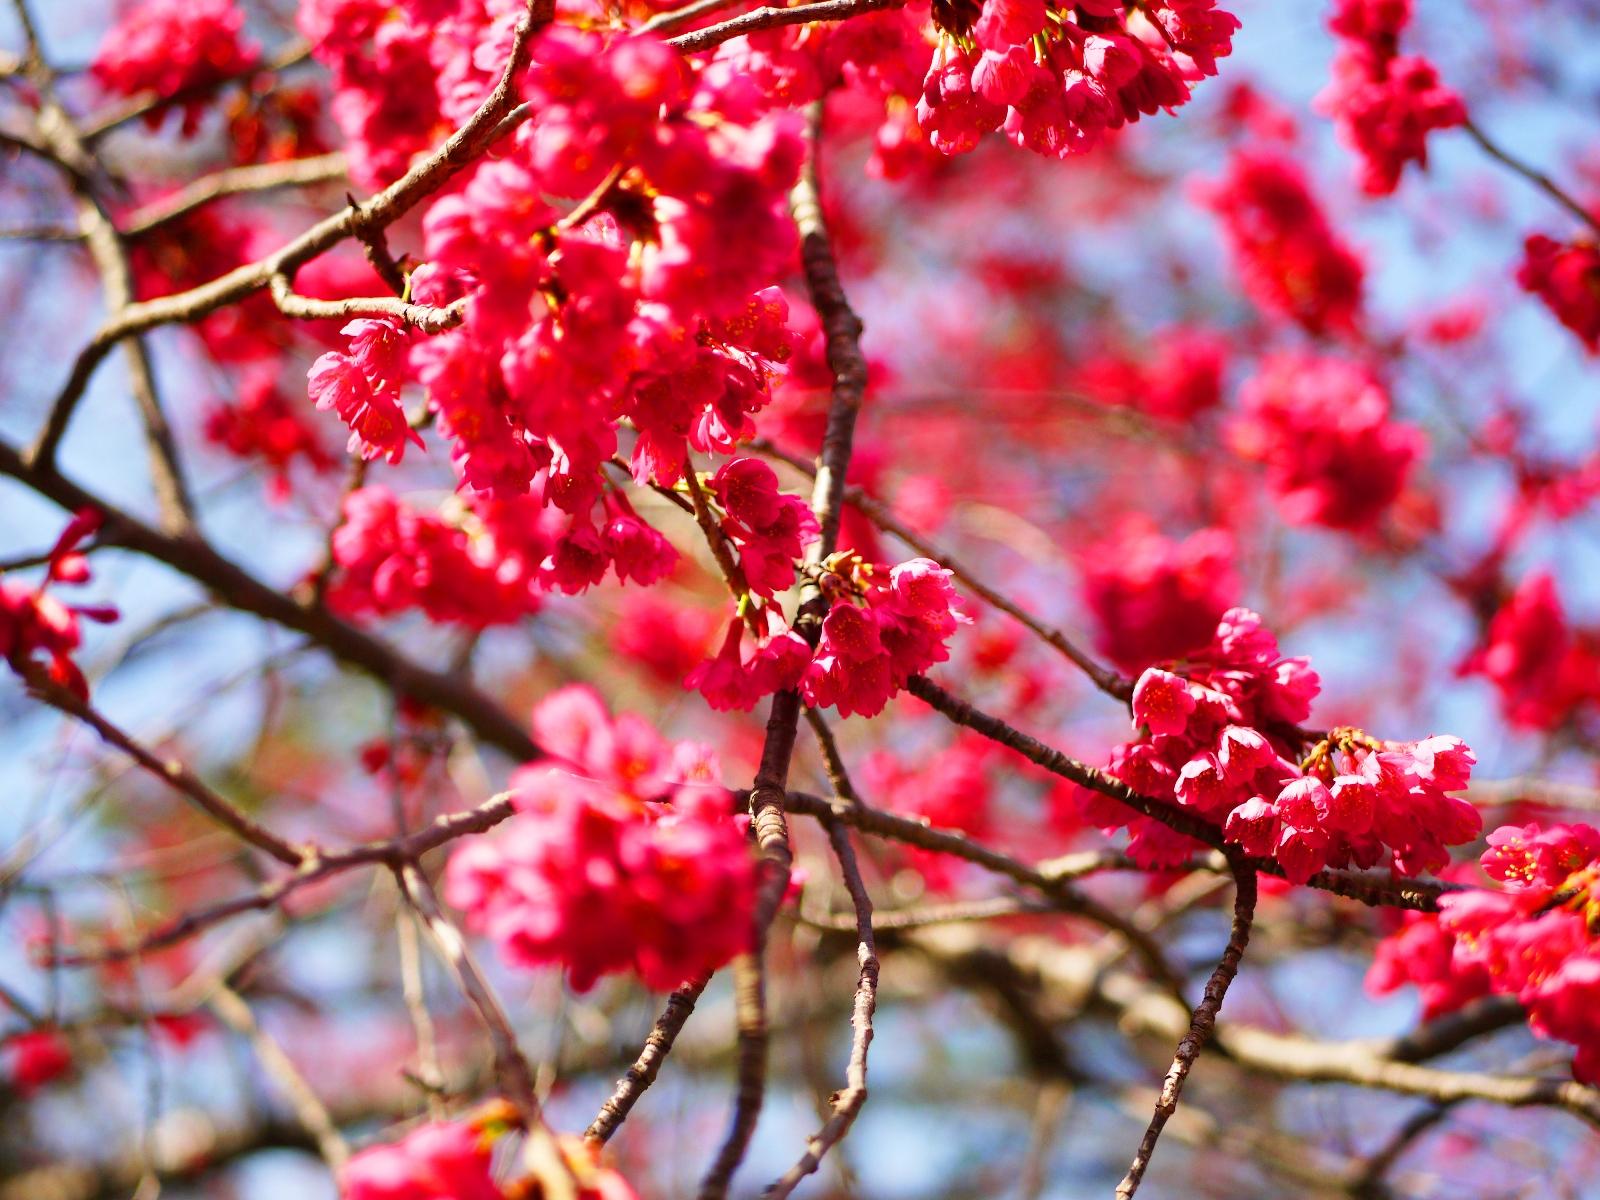 百花綻放 | 熱情繽紛的火紅山櫻花 | 緋寒櫻 | 八仙山國家森林遊樂區 | 和平 | 台中 | 和風臺灣 | RoundtripJp